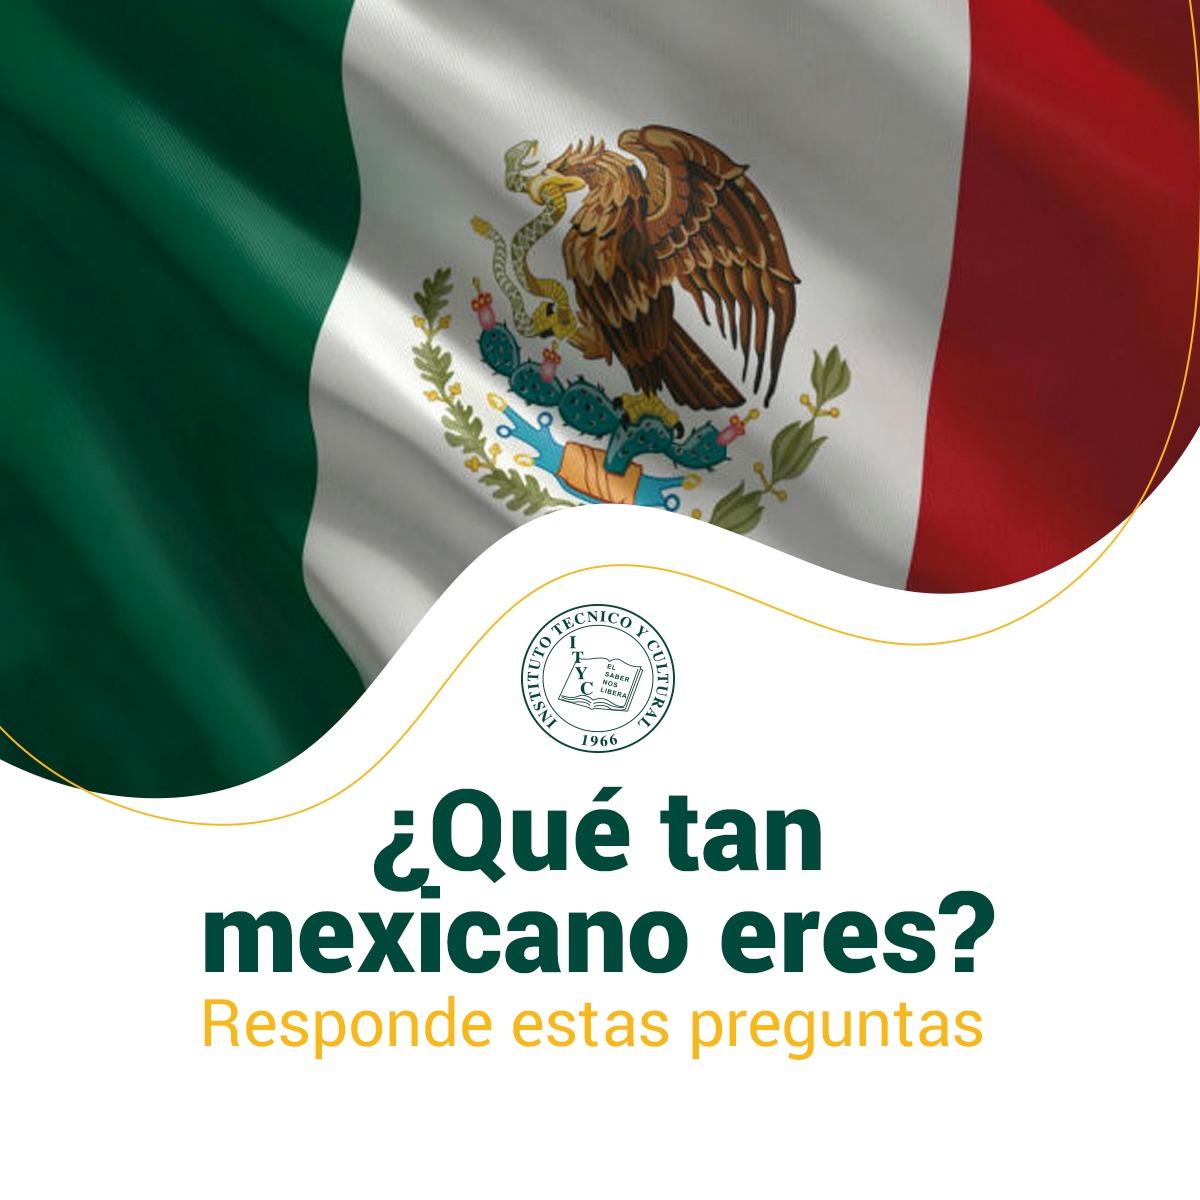 ¿Qué tan mexicano eres? Contesta las siguientes preguntas